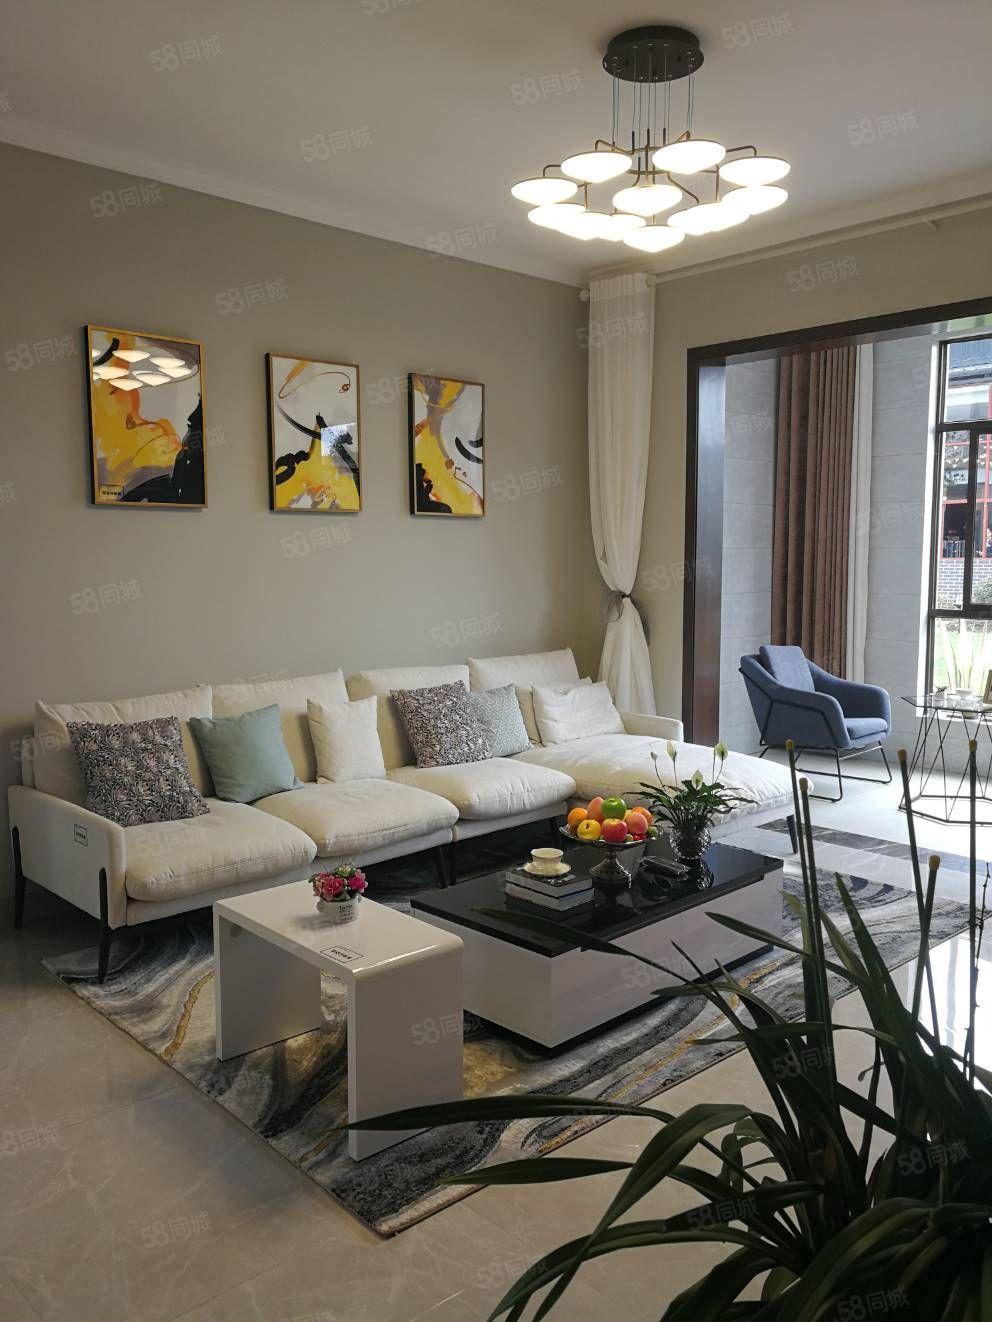 可公积金贷低首付楼层好配套完善品质物业阳光新城旁